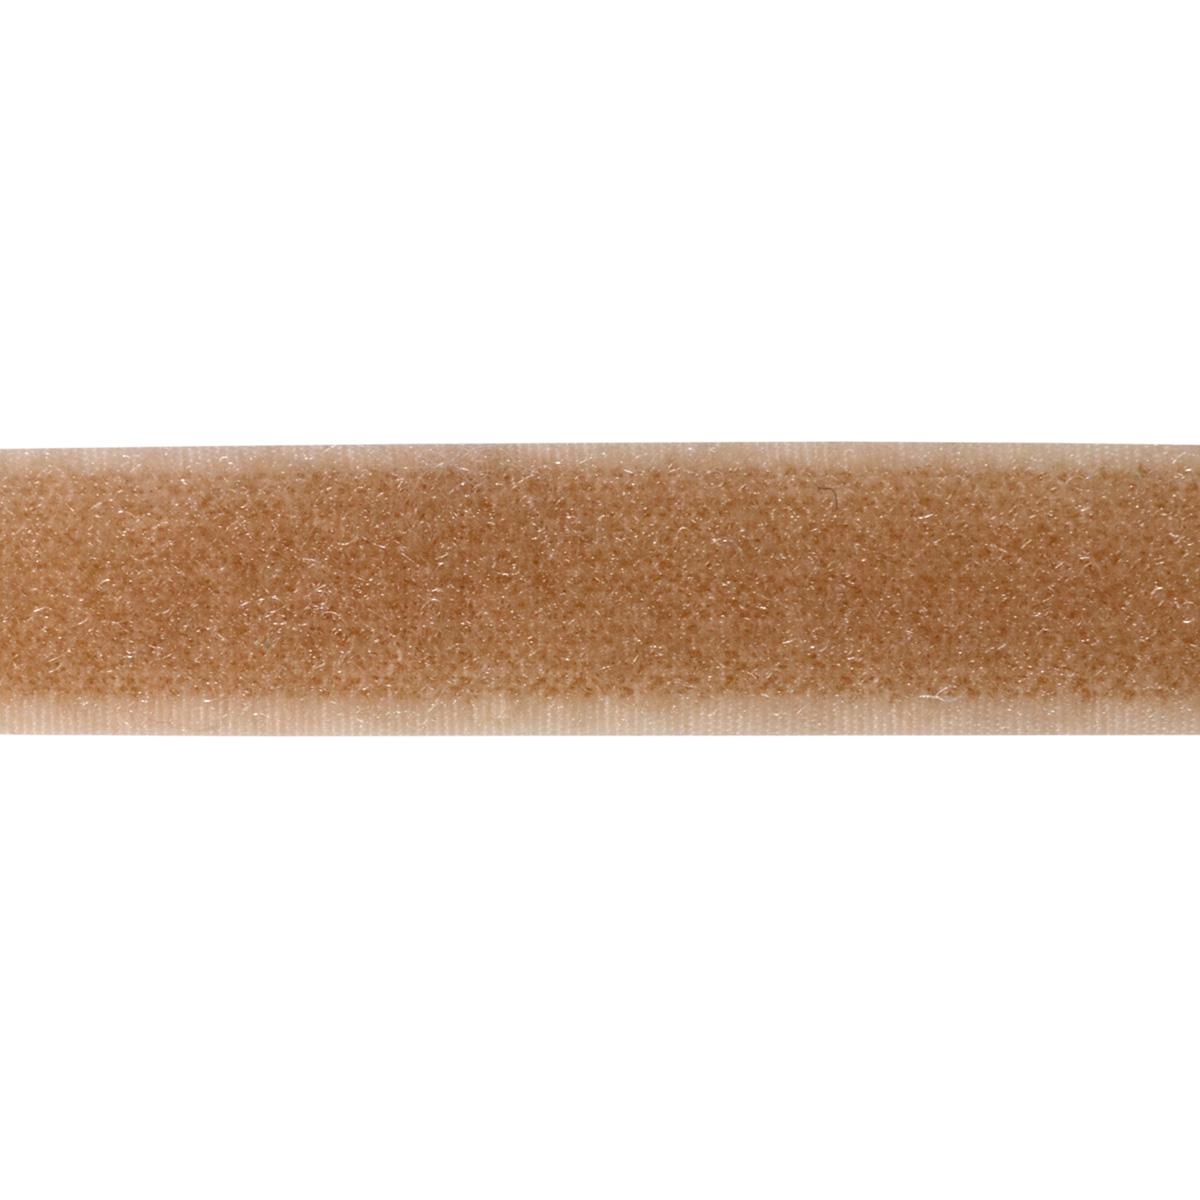 20081 Лента контактная 20мм. 25м 'петля' (32 св.коричневый)